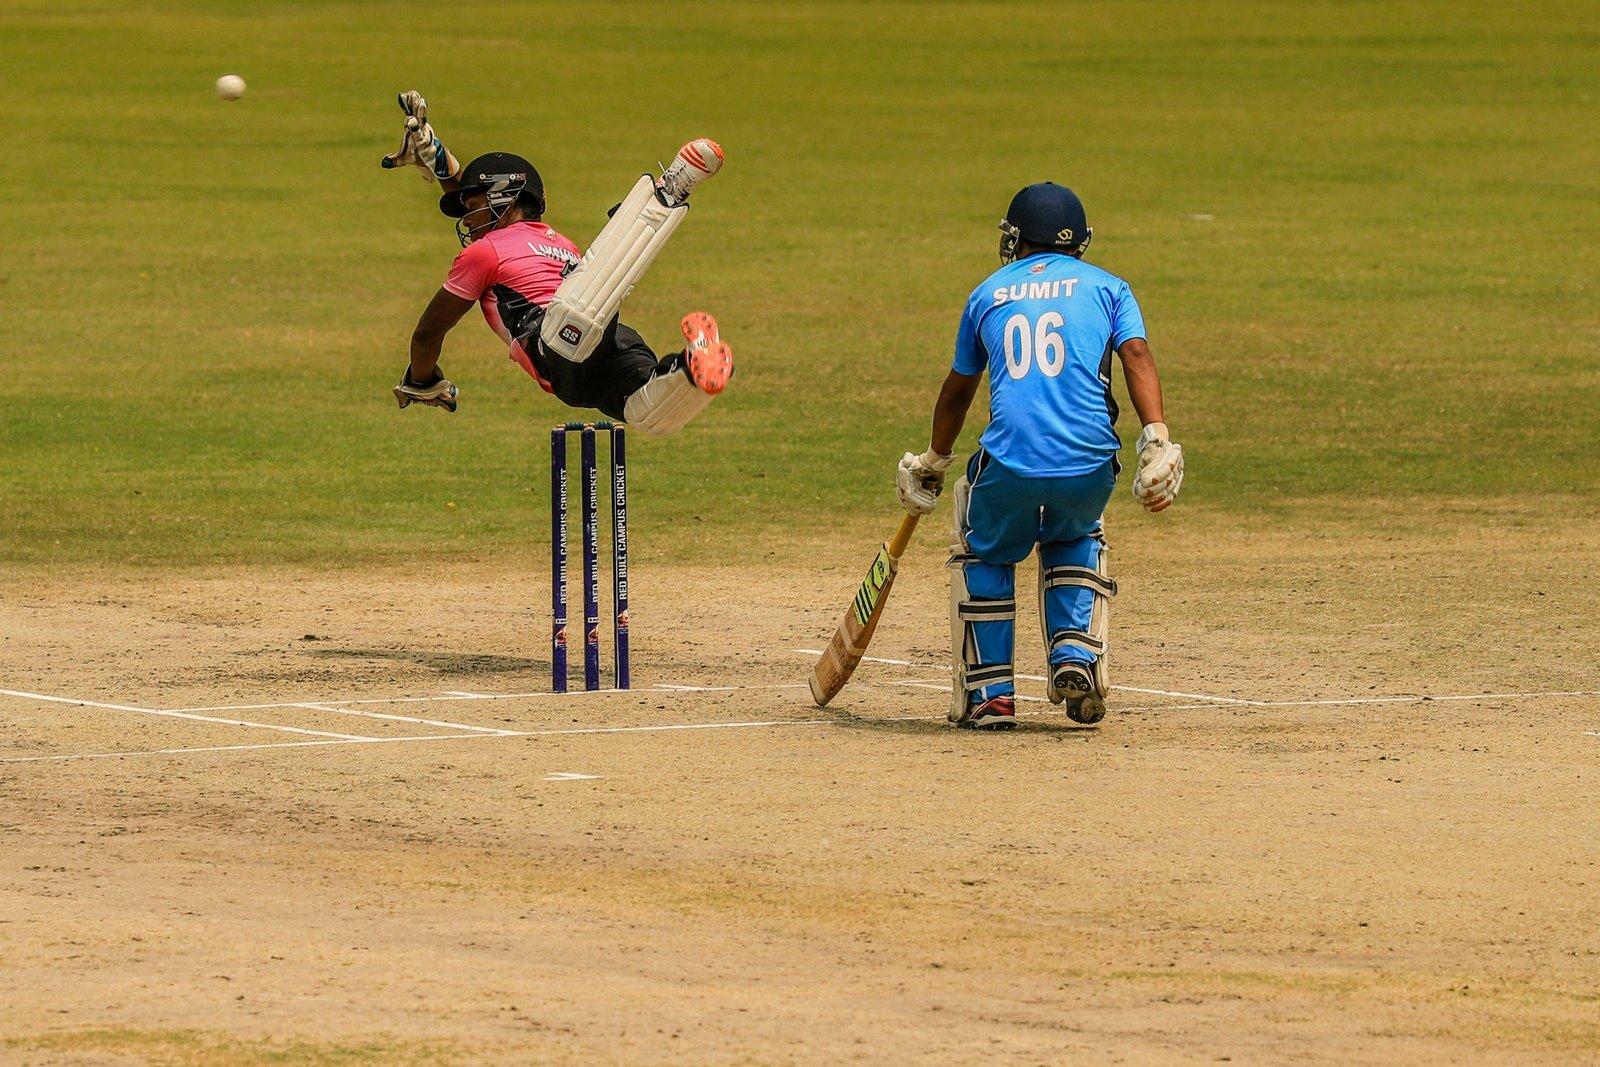 पाकिस्तान ने एक बार फिर दिया भारत को फाइनल में मात 5